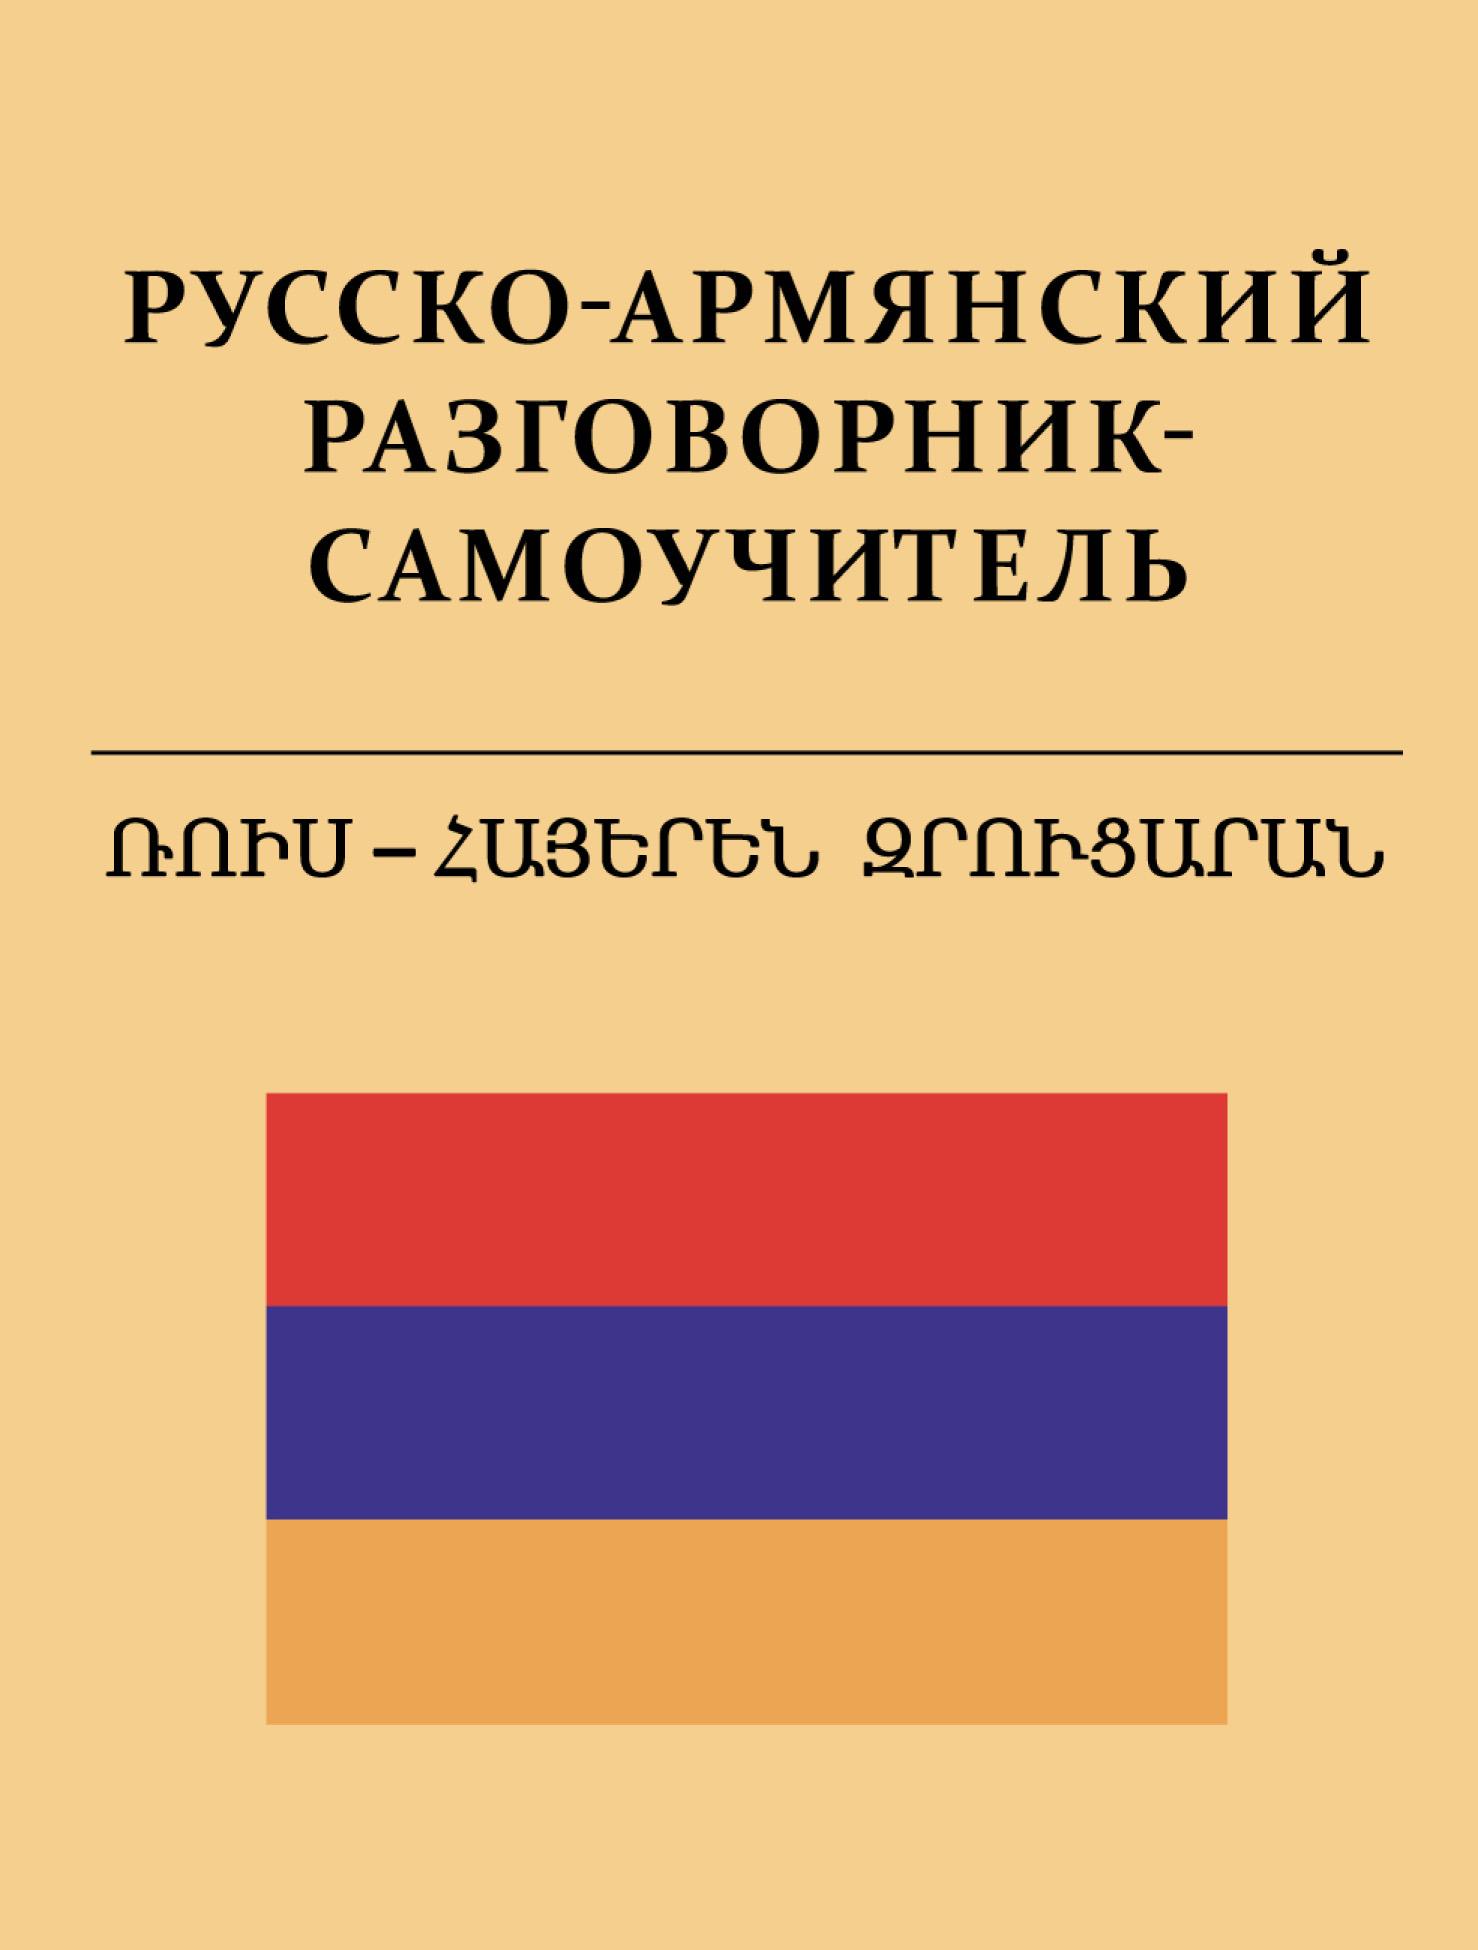 геннис г ред самоучитель разговорник французских фраз С. А. Матвеев Русско-армянский разговорник-самоучитель